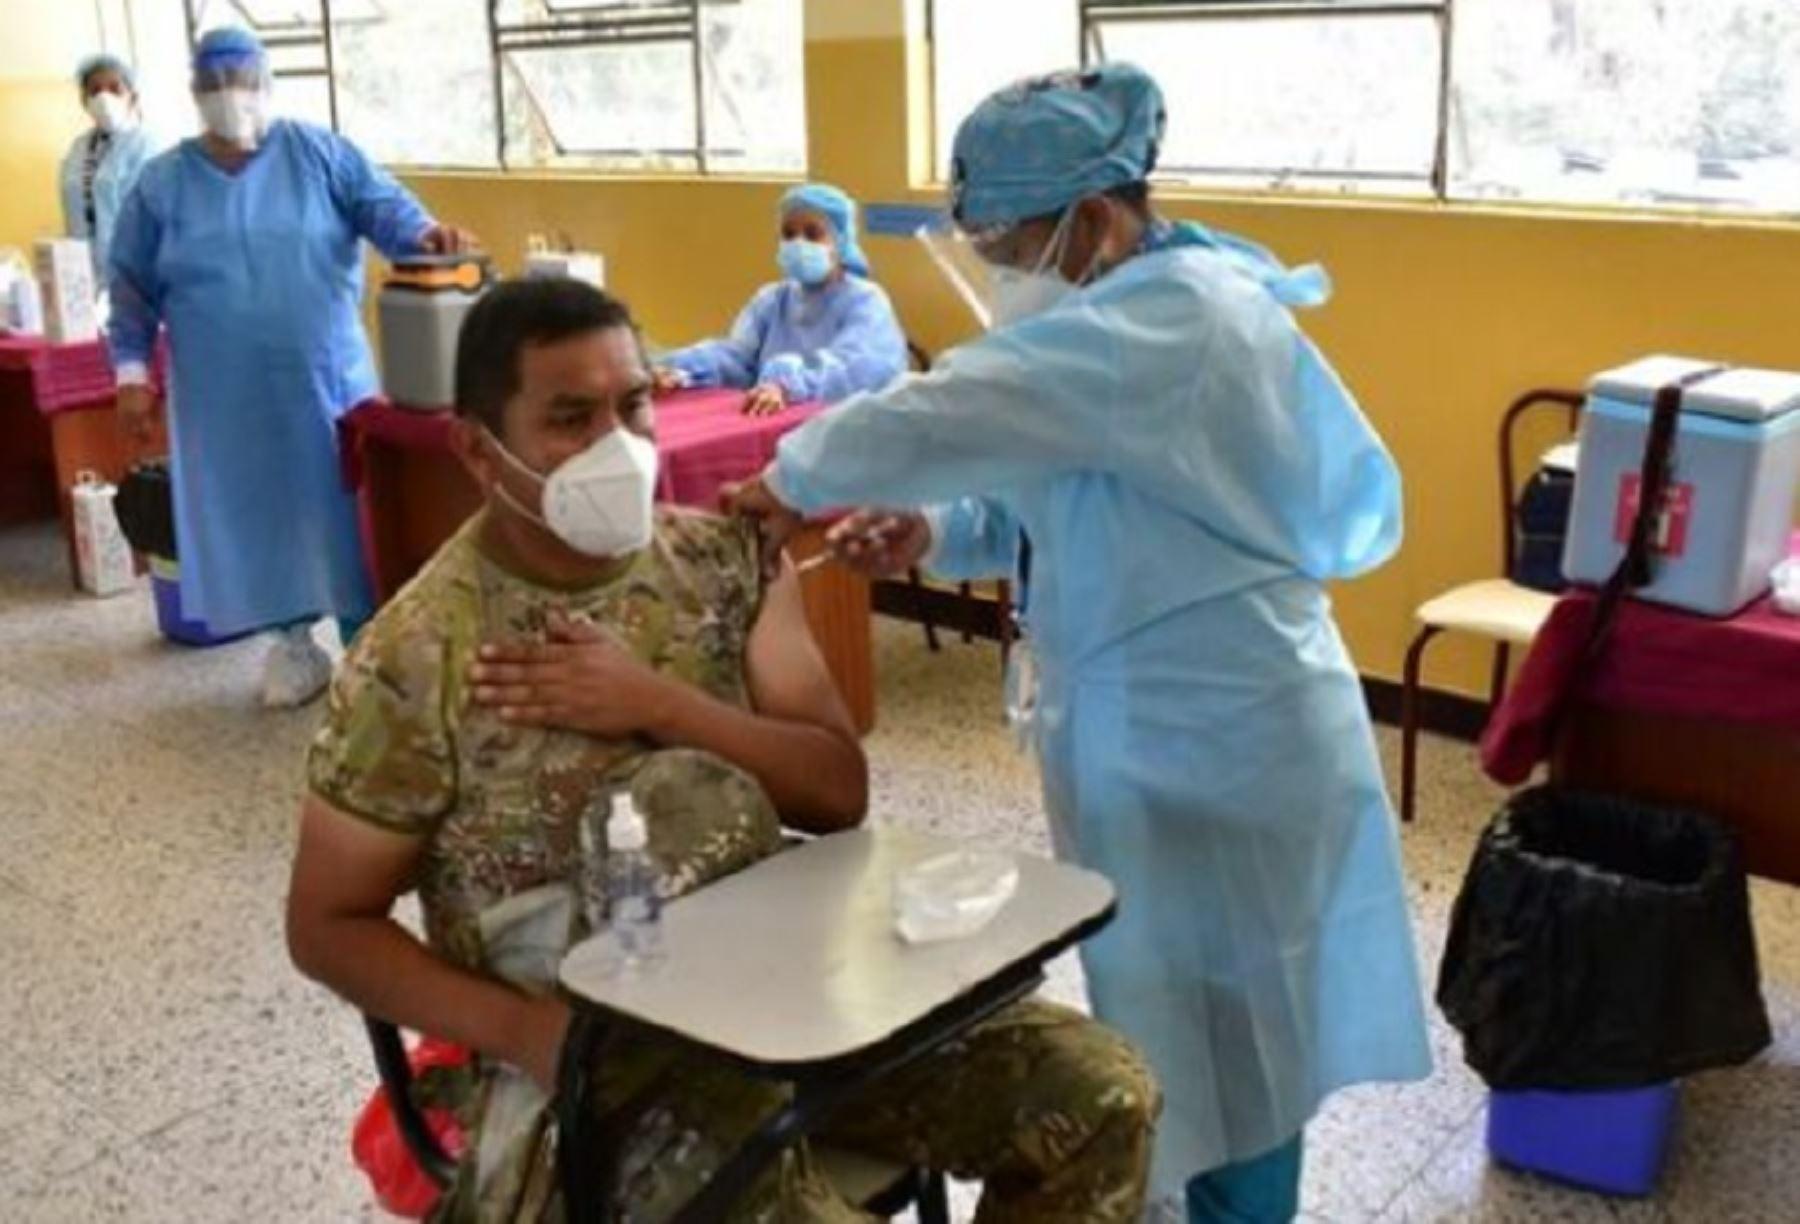 Las vacunas del laboratorio Pfizer enviadas por el Ministerio de Salud (Minsa) a la Dirección Regional de Salud (Diresa) de Piura y a la Gerencia Regional de Salud (Geresa) de Lambayeque ya fueron aplicadas a casi 4,000 efectivos de las Fuerzas Armadas en ambas regiones.